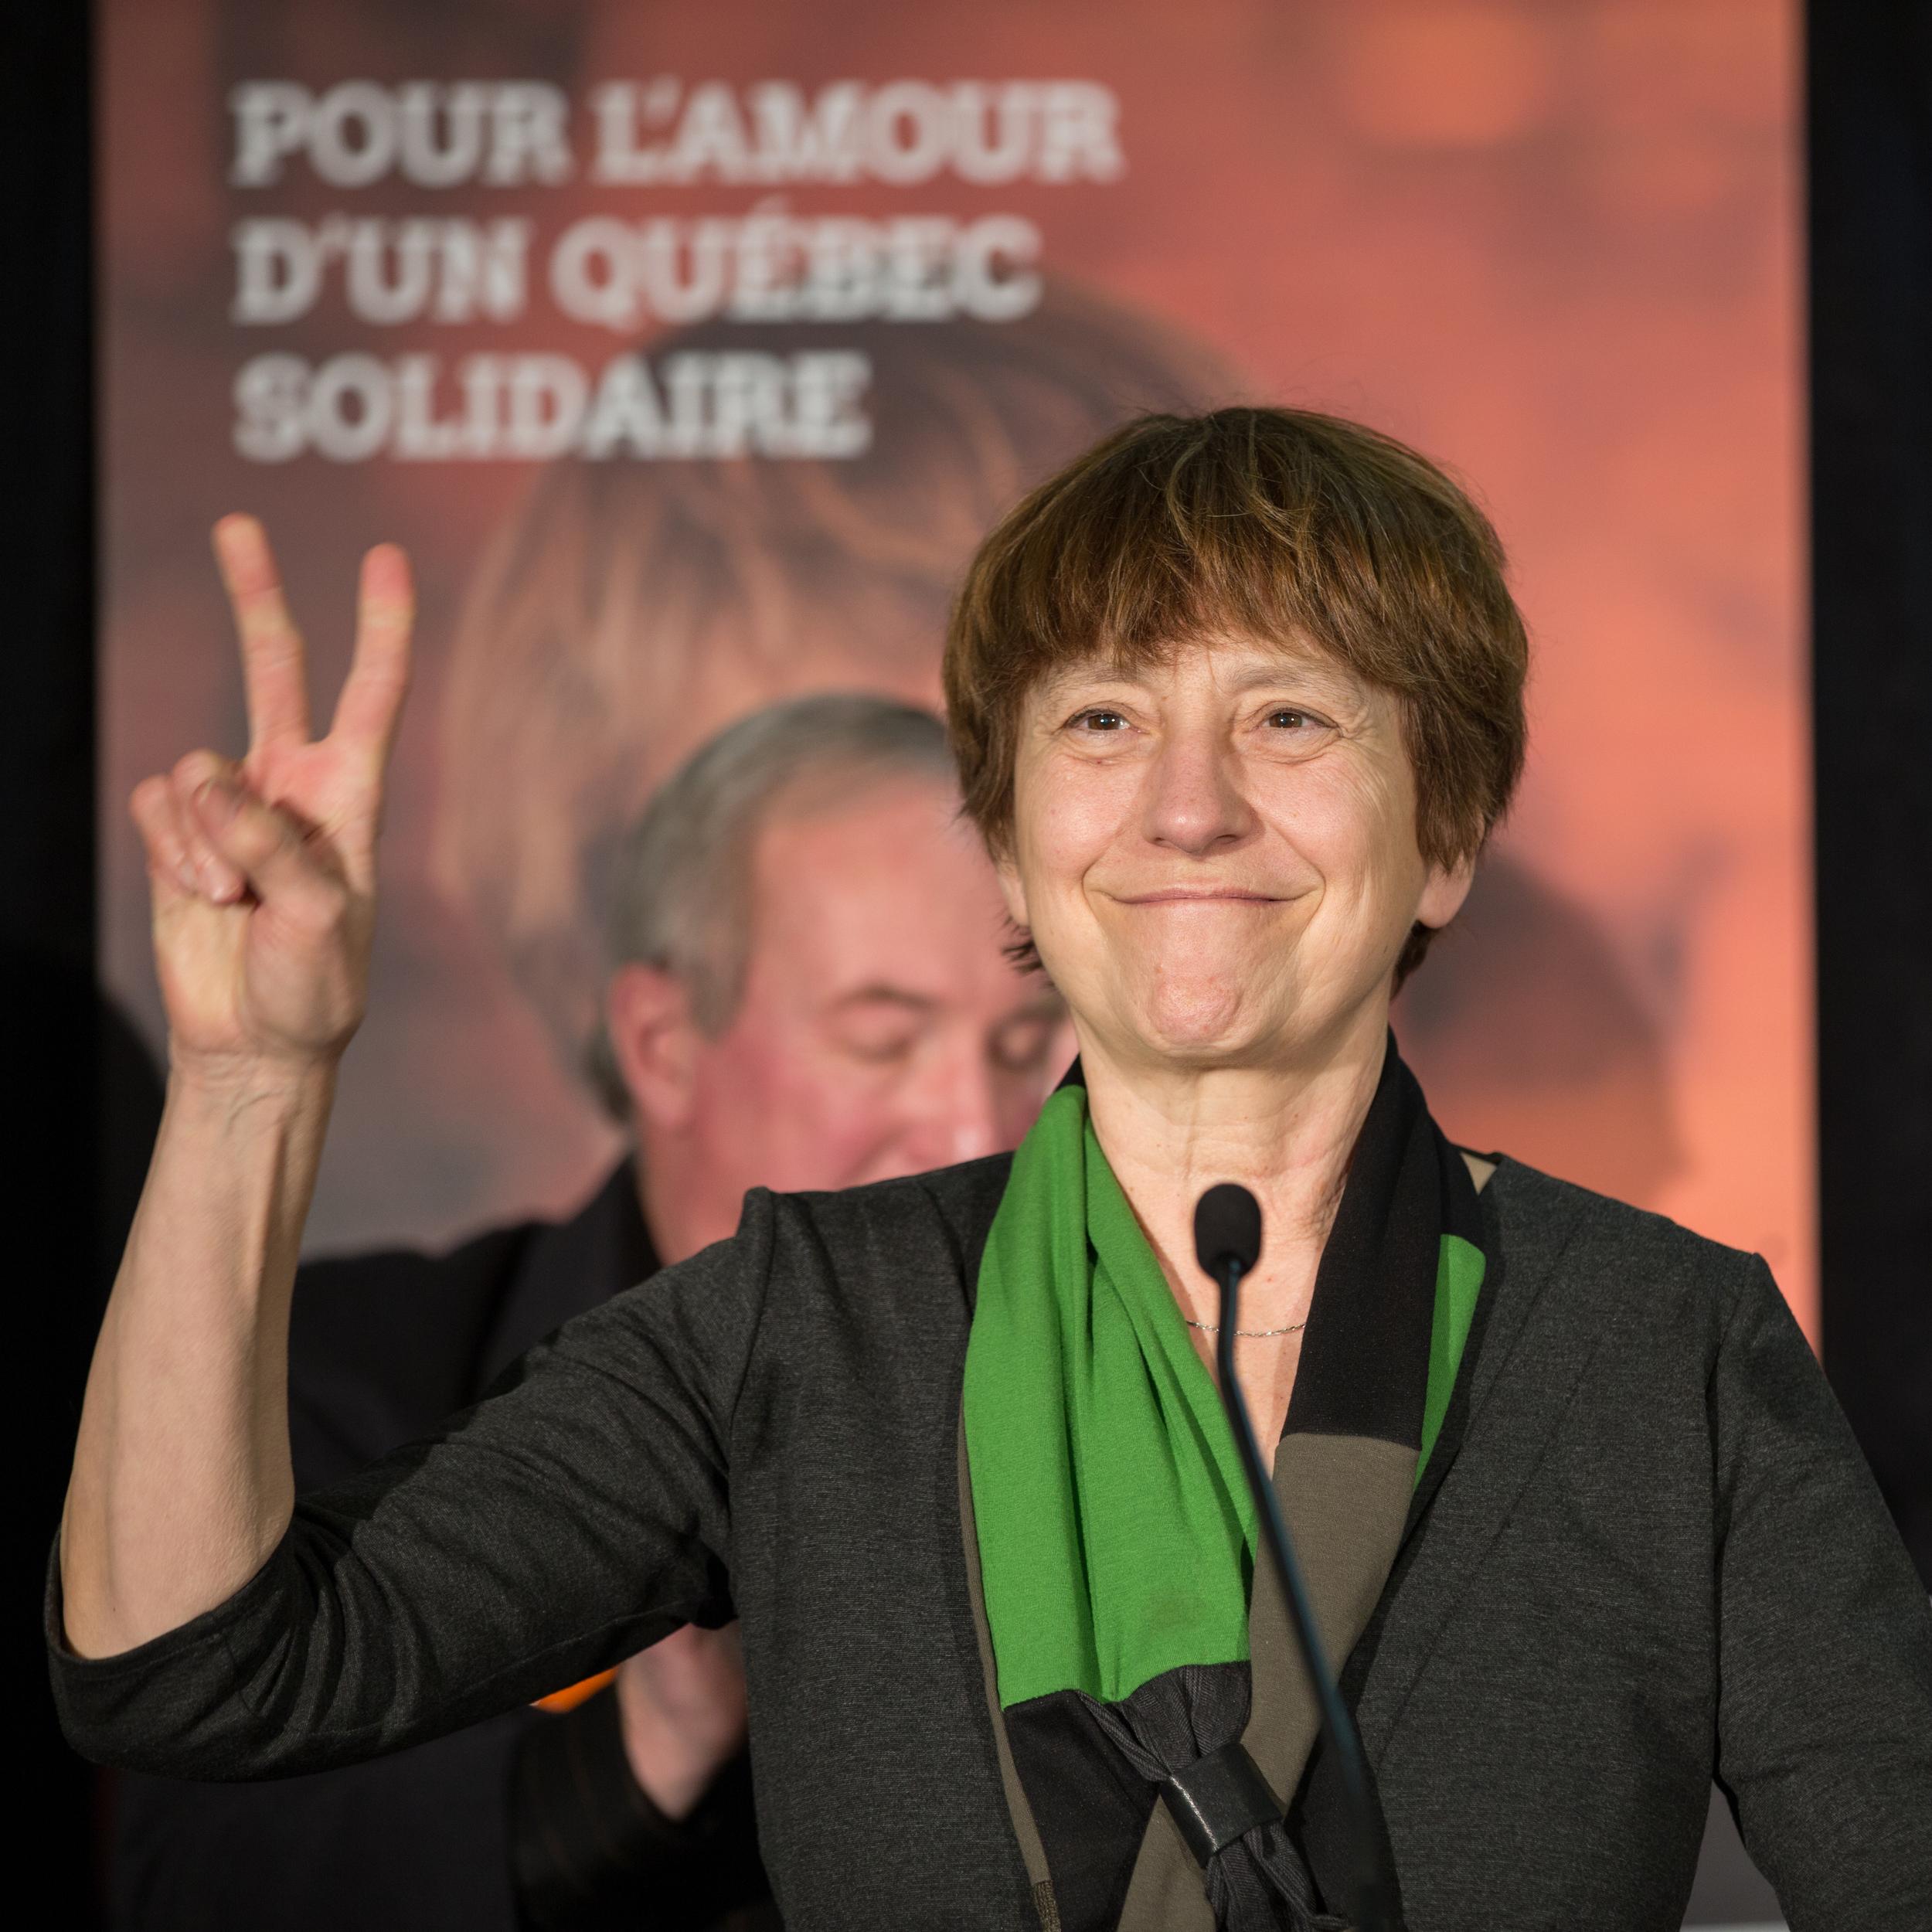 Françoise David prononce un discours devant une salle comble, à Trois-Rivières.